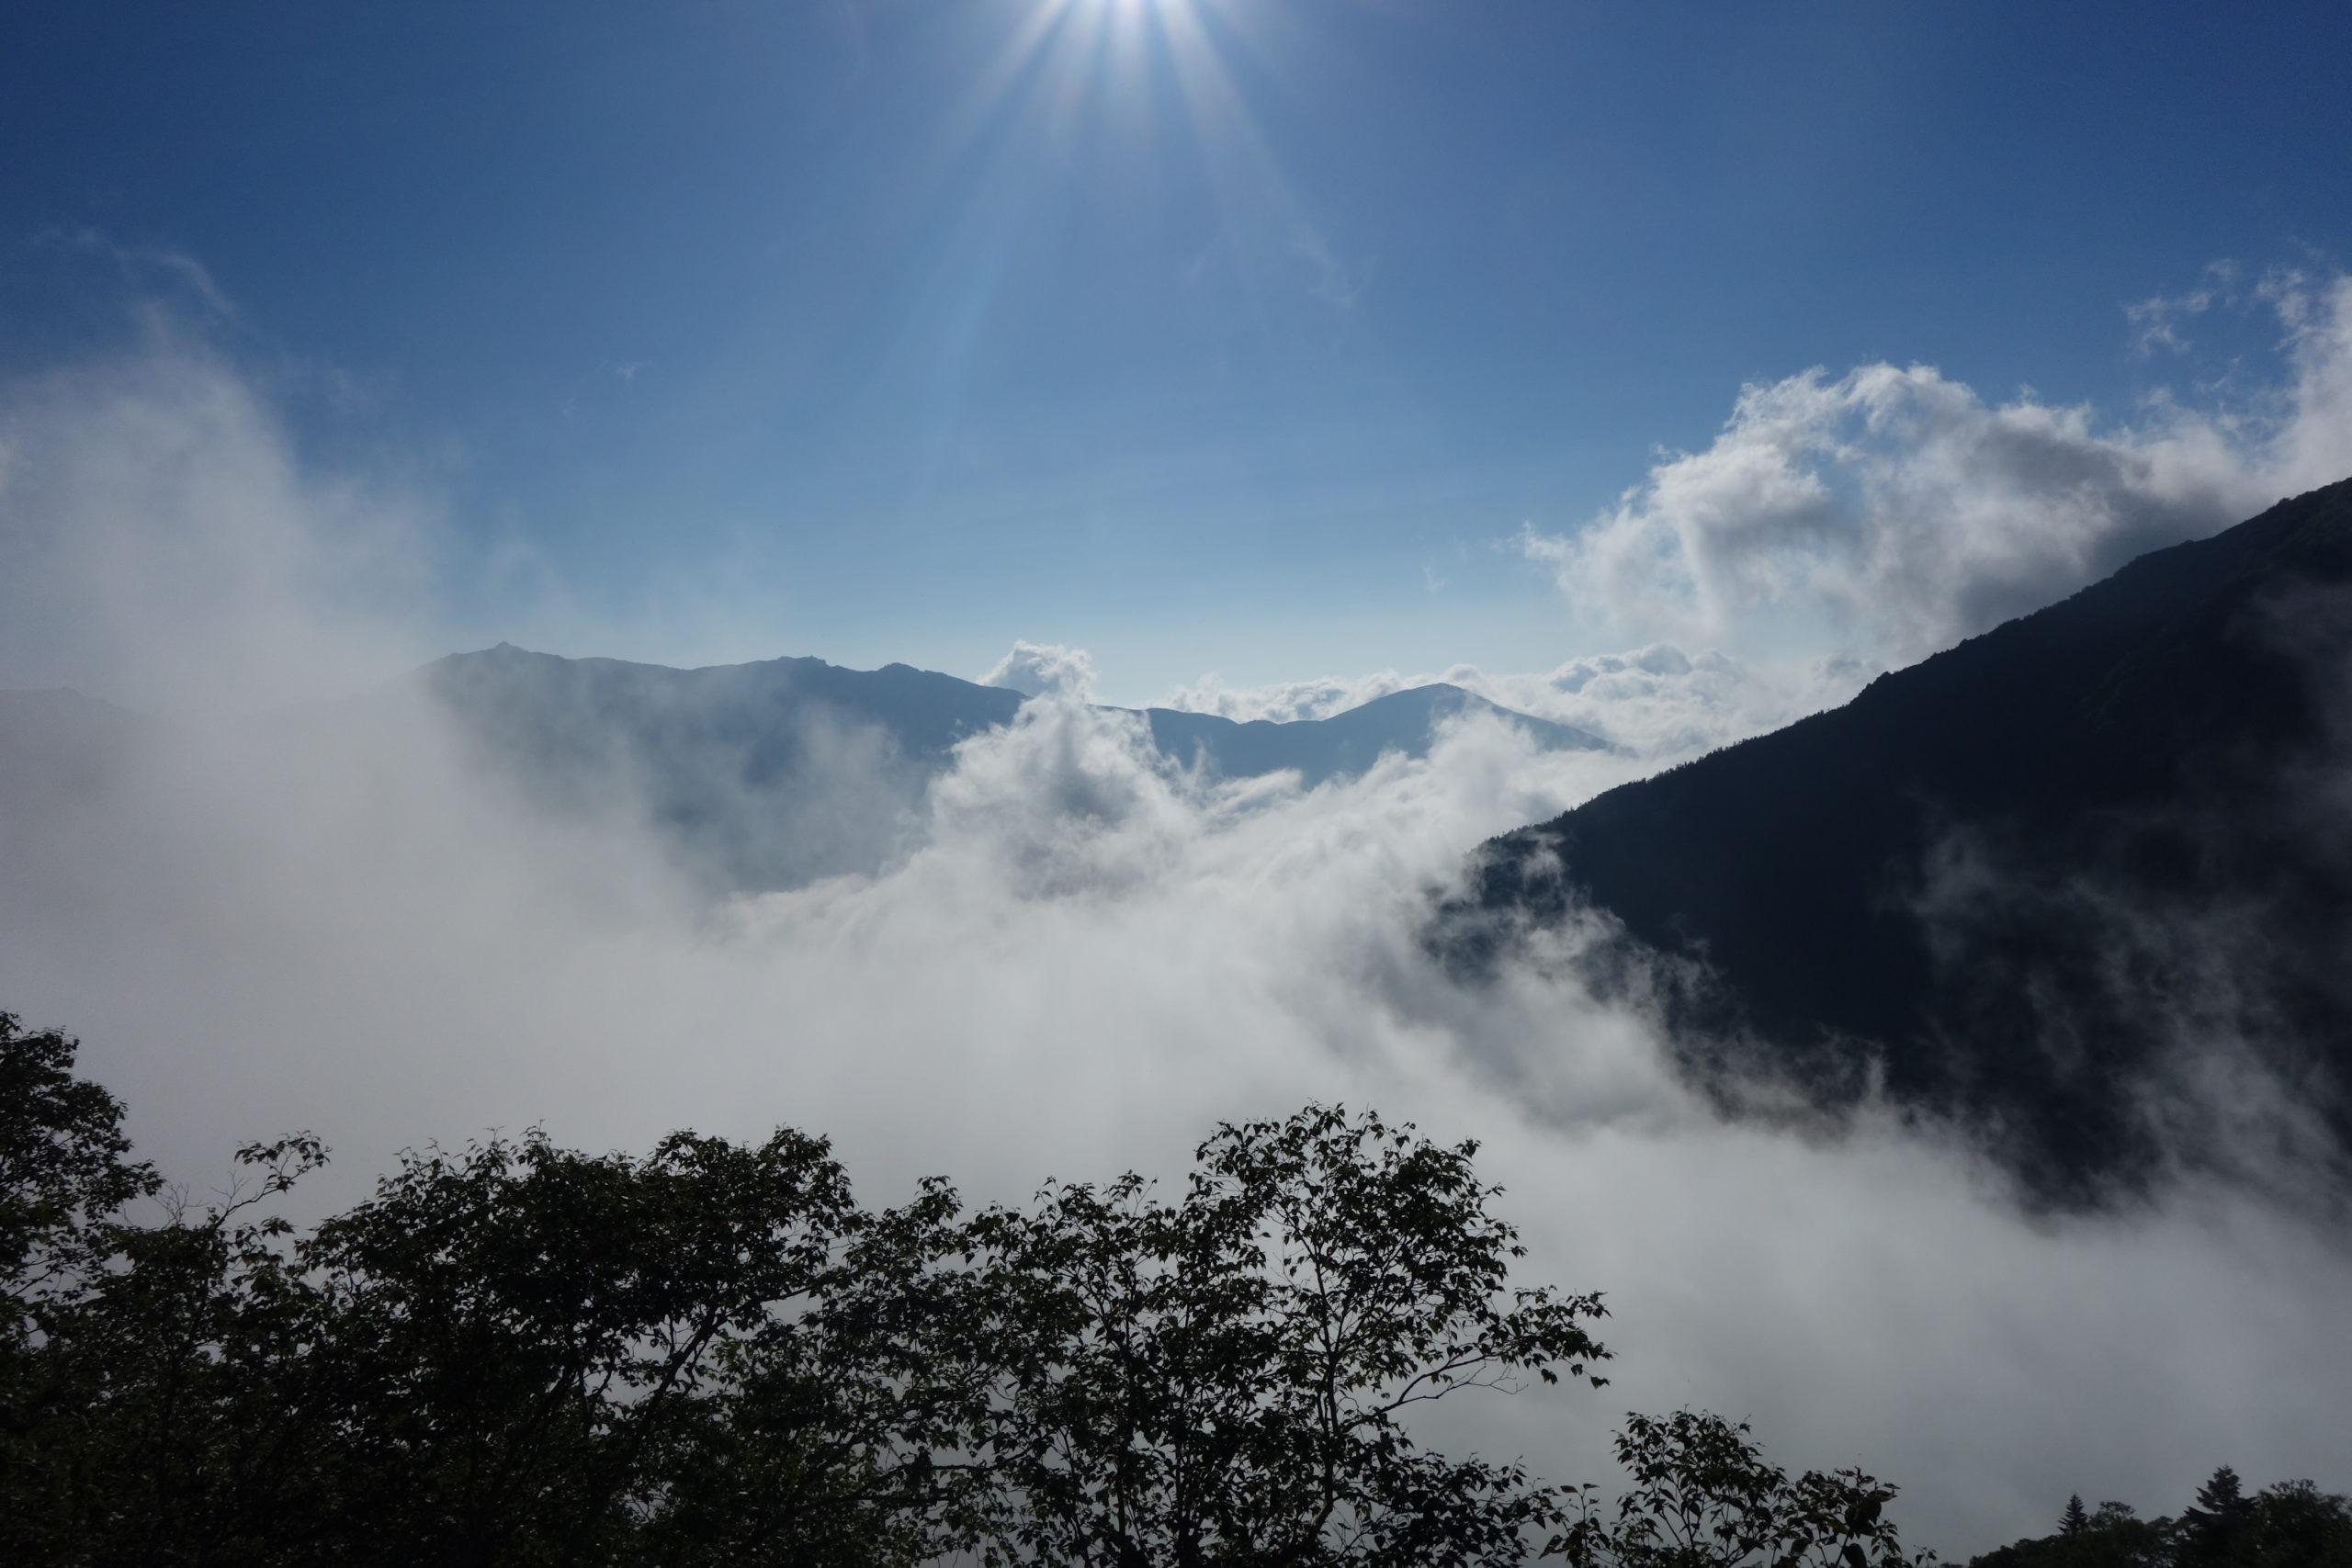 北岳 広河原山荘テント場〜北岳肩の小屋